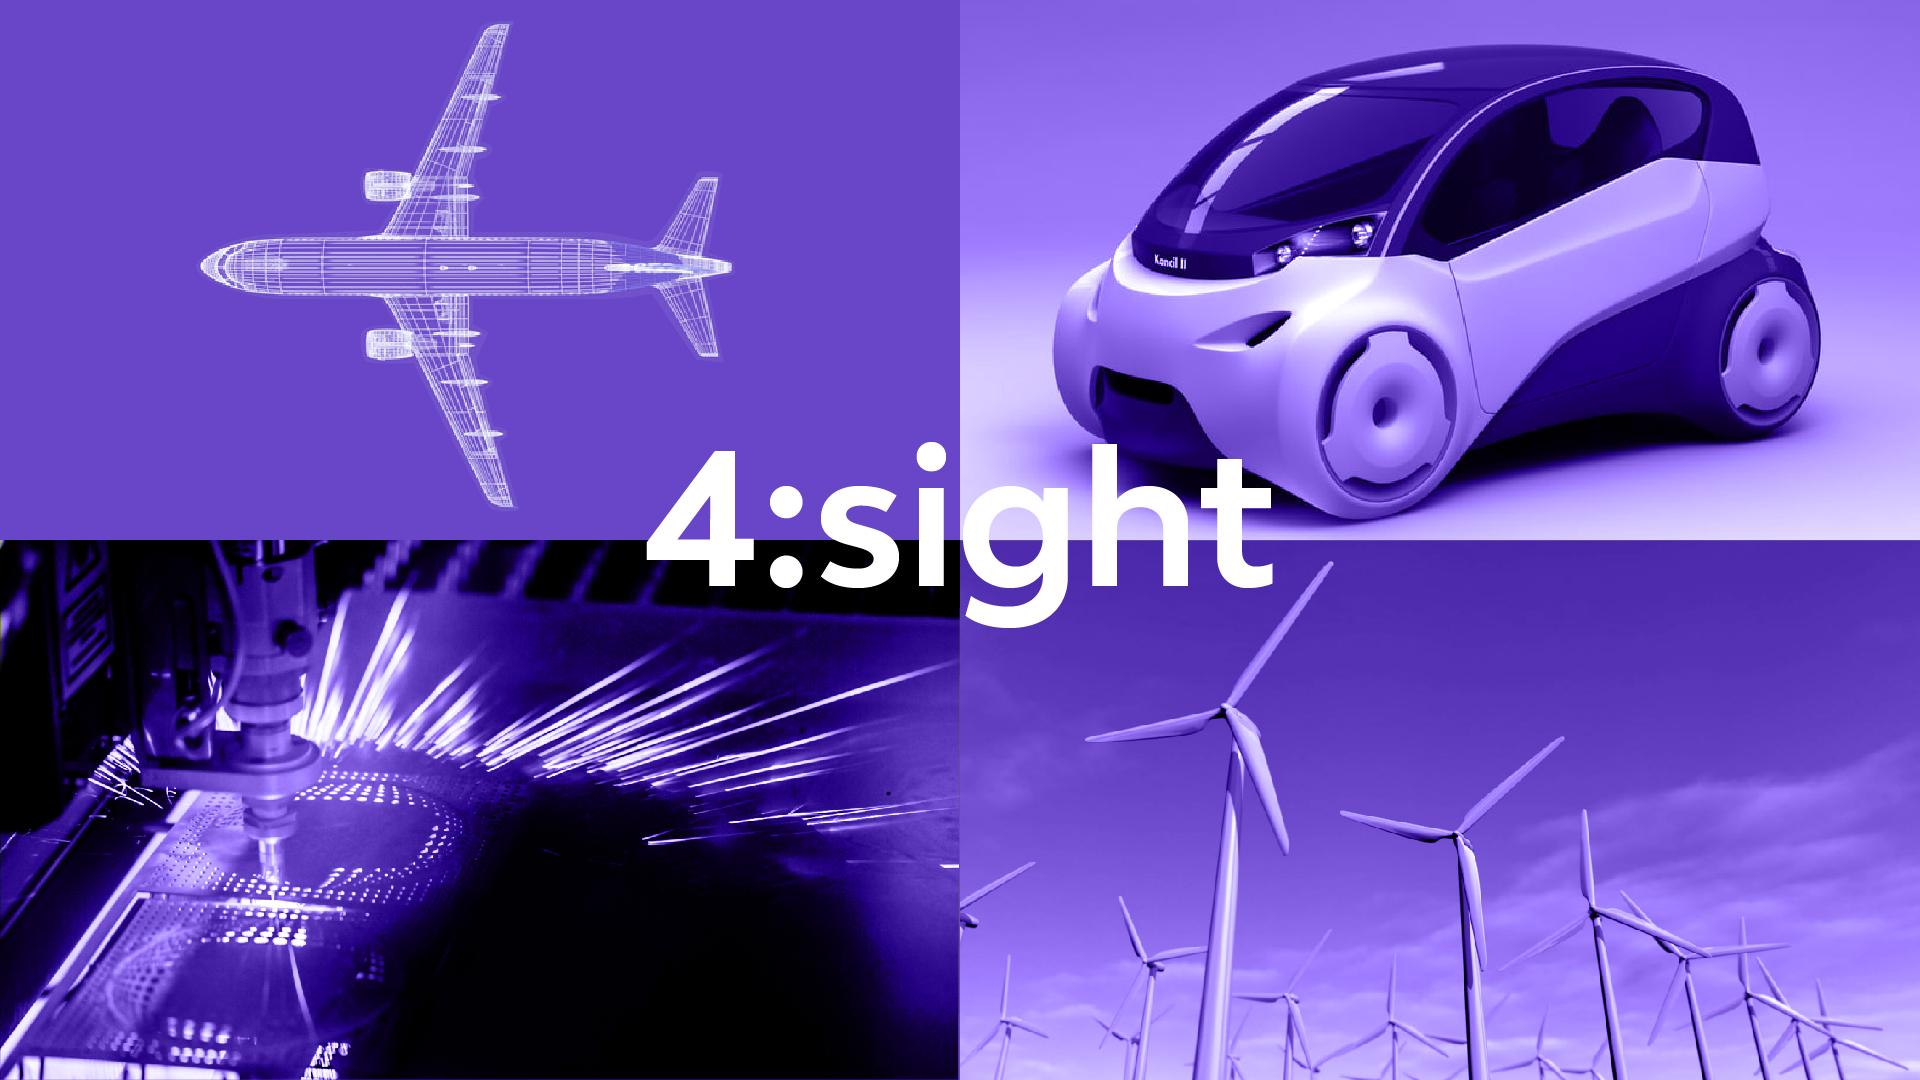 4sight_boards_V01-11.jpg